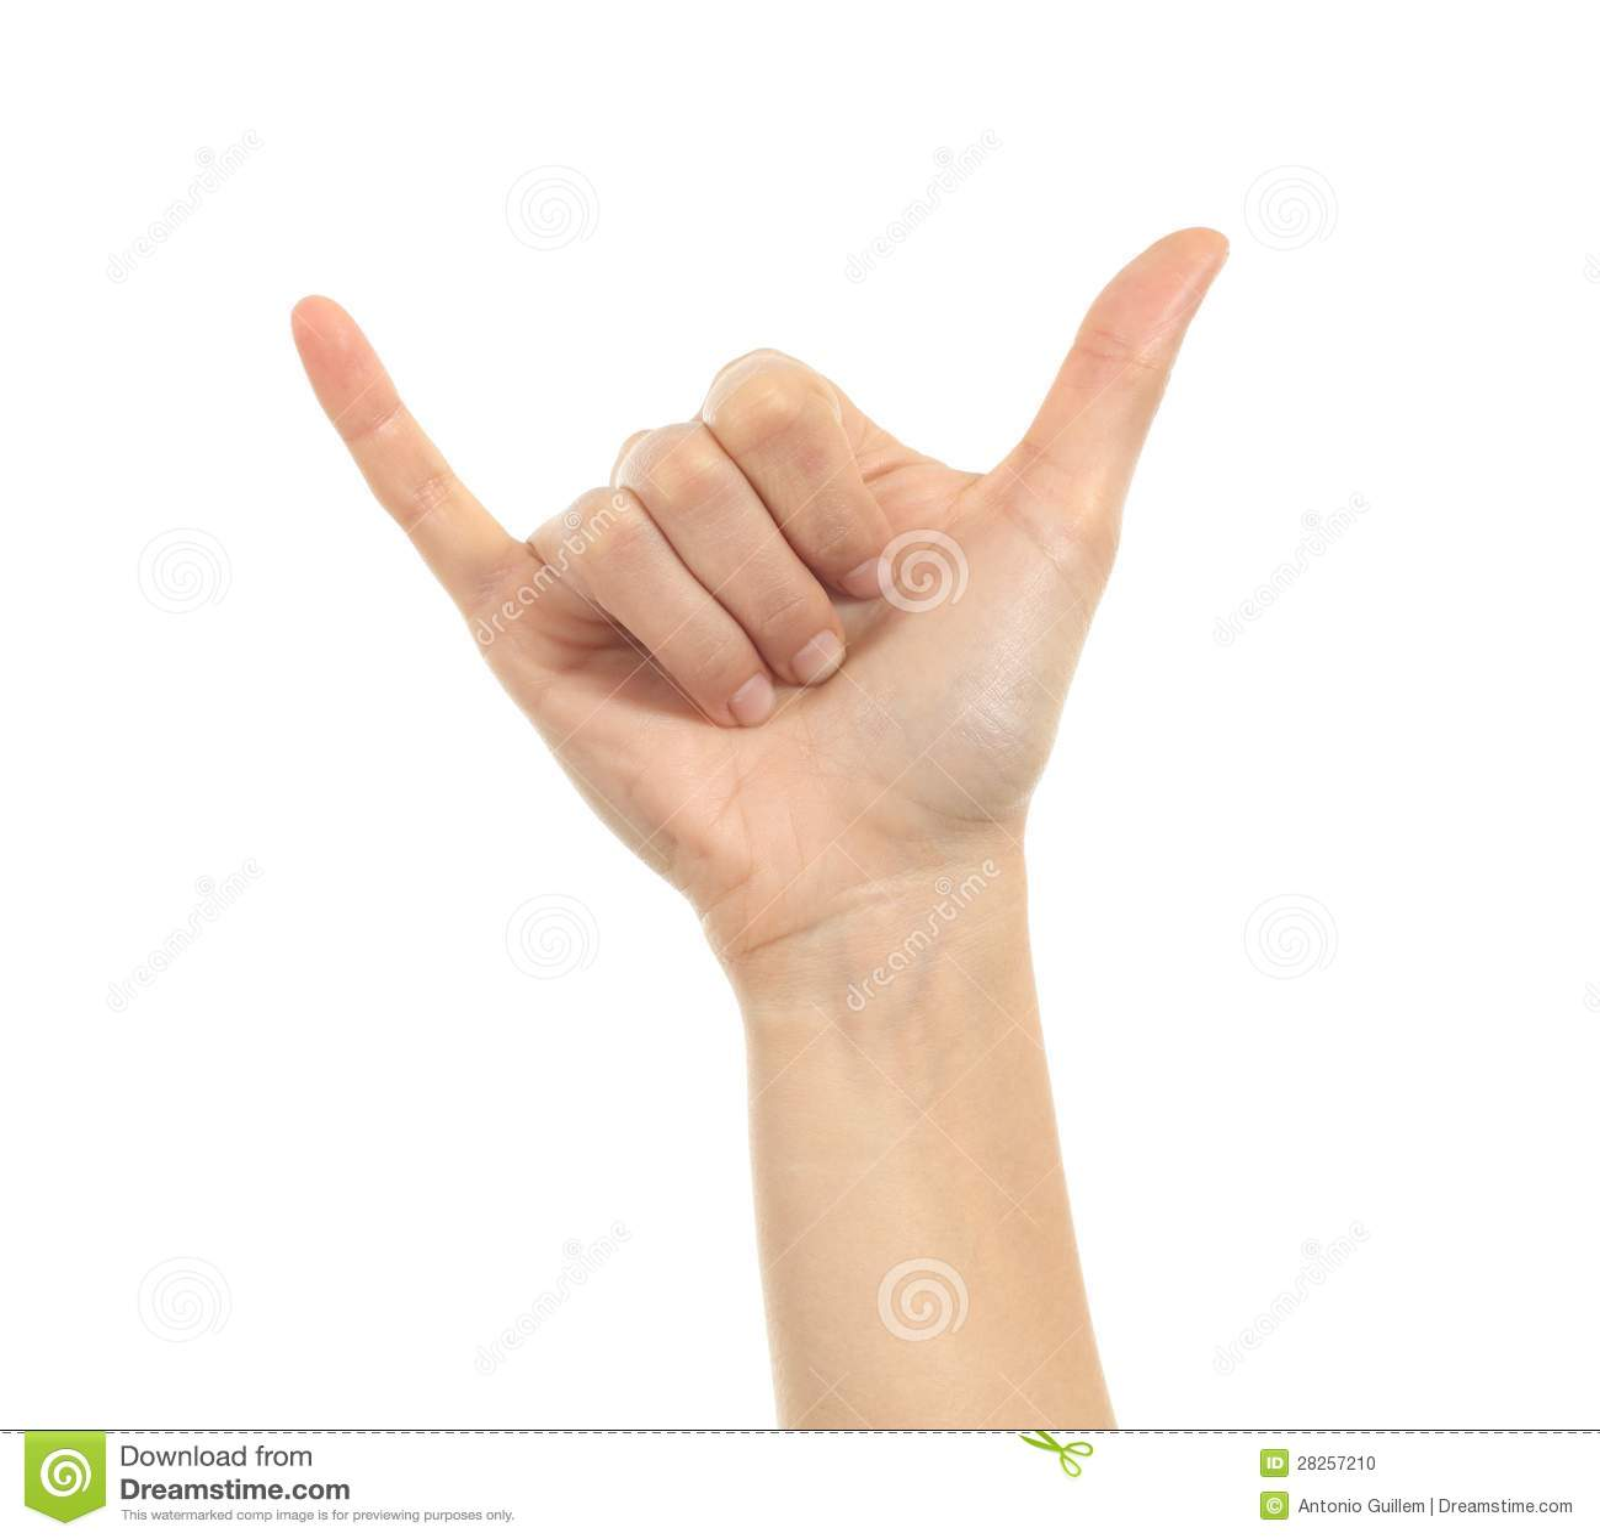 Пальцы рук как будно не свои